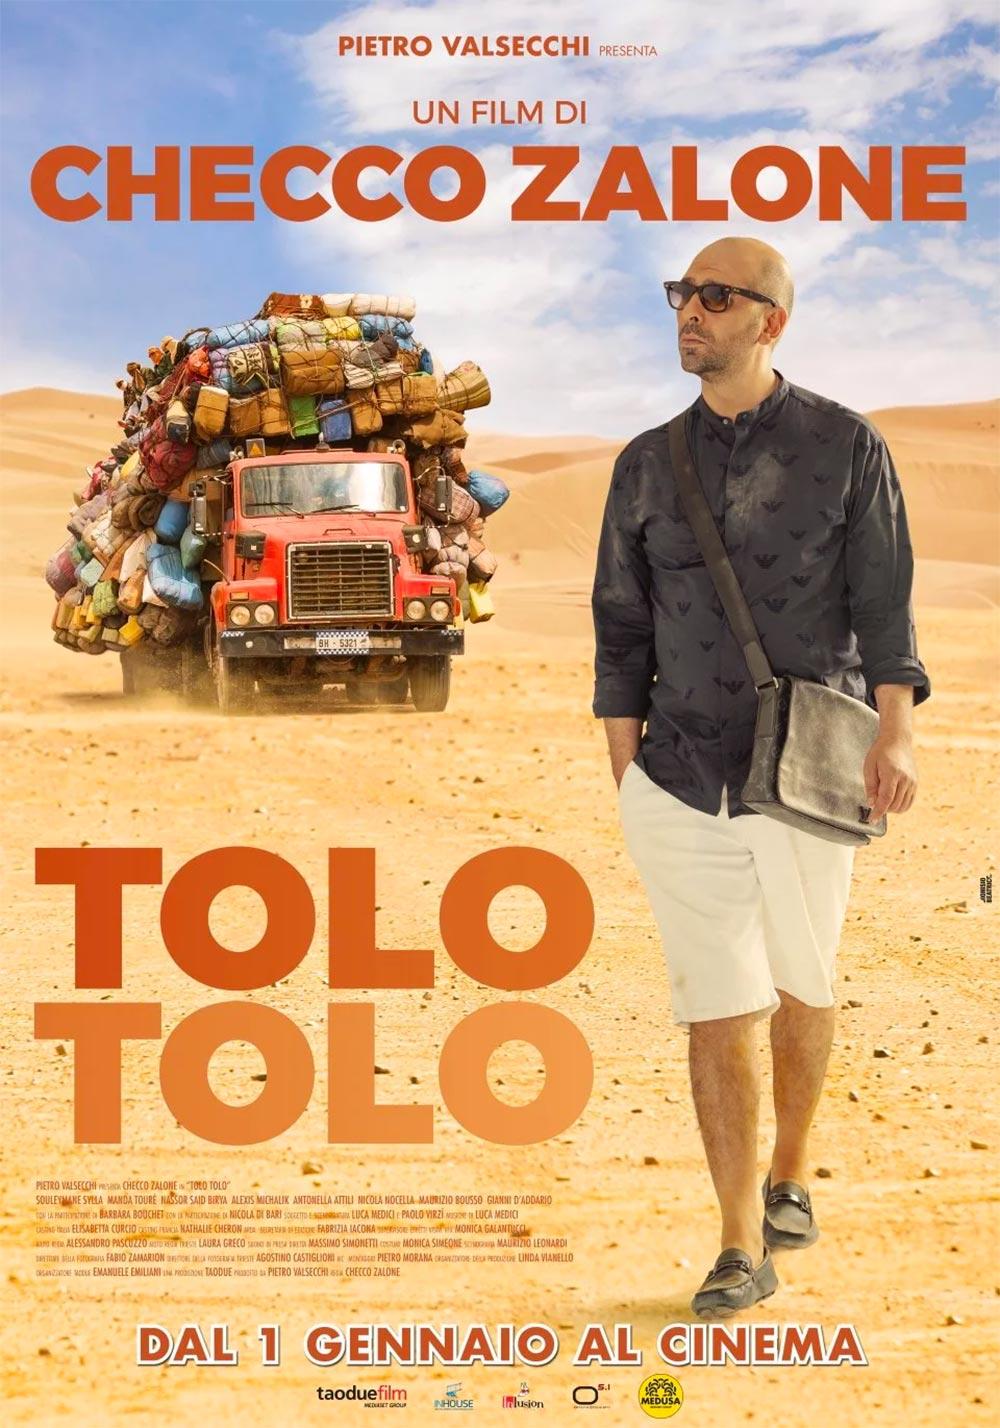 -  Dall'articolo: Tolo Tolo, il poster ufficiale del film.